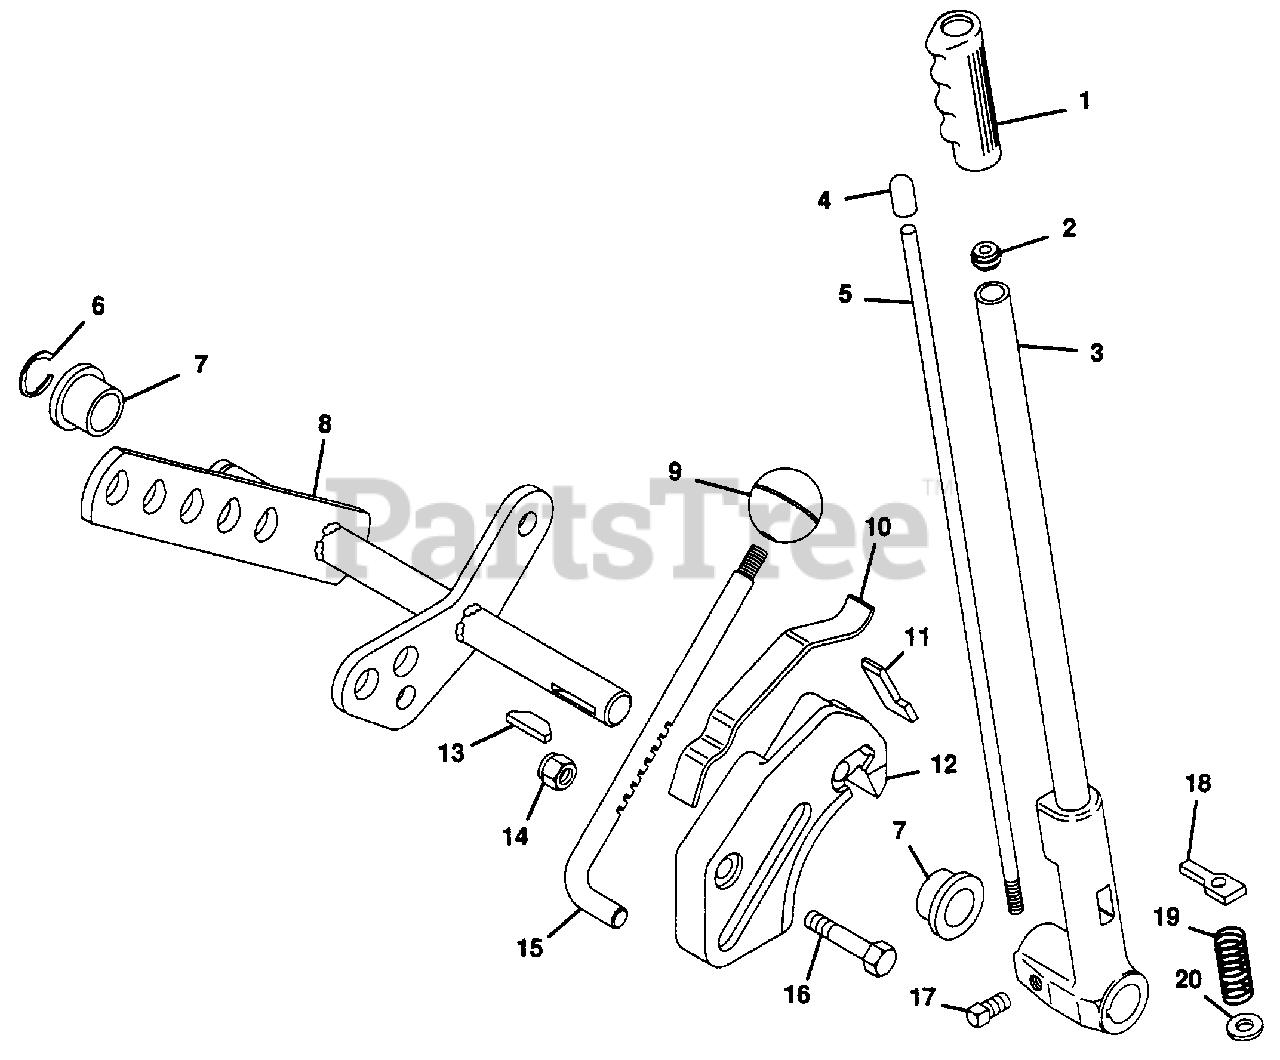 Hydraulic Lift Wiring Diagram